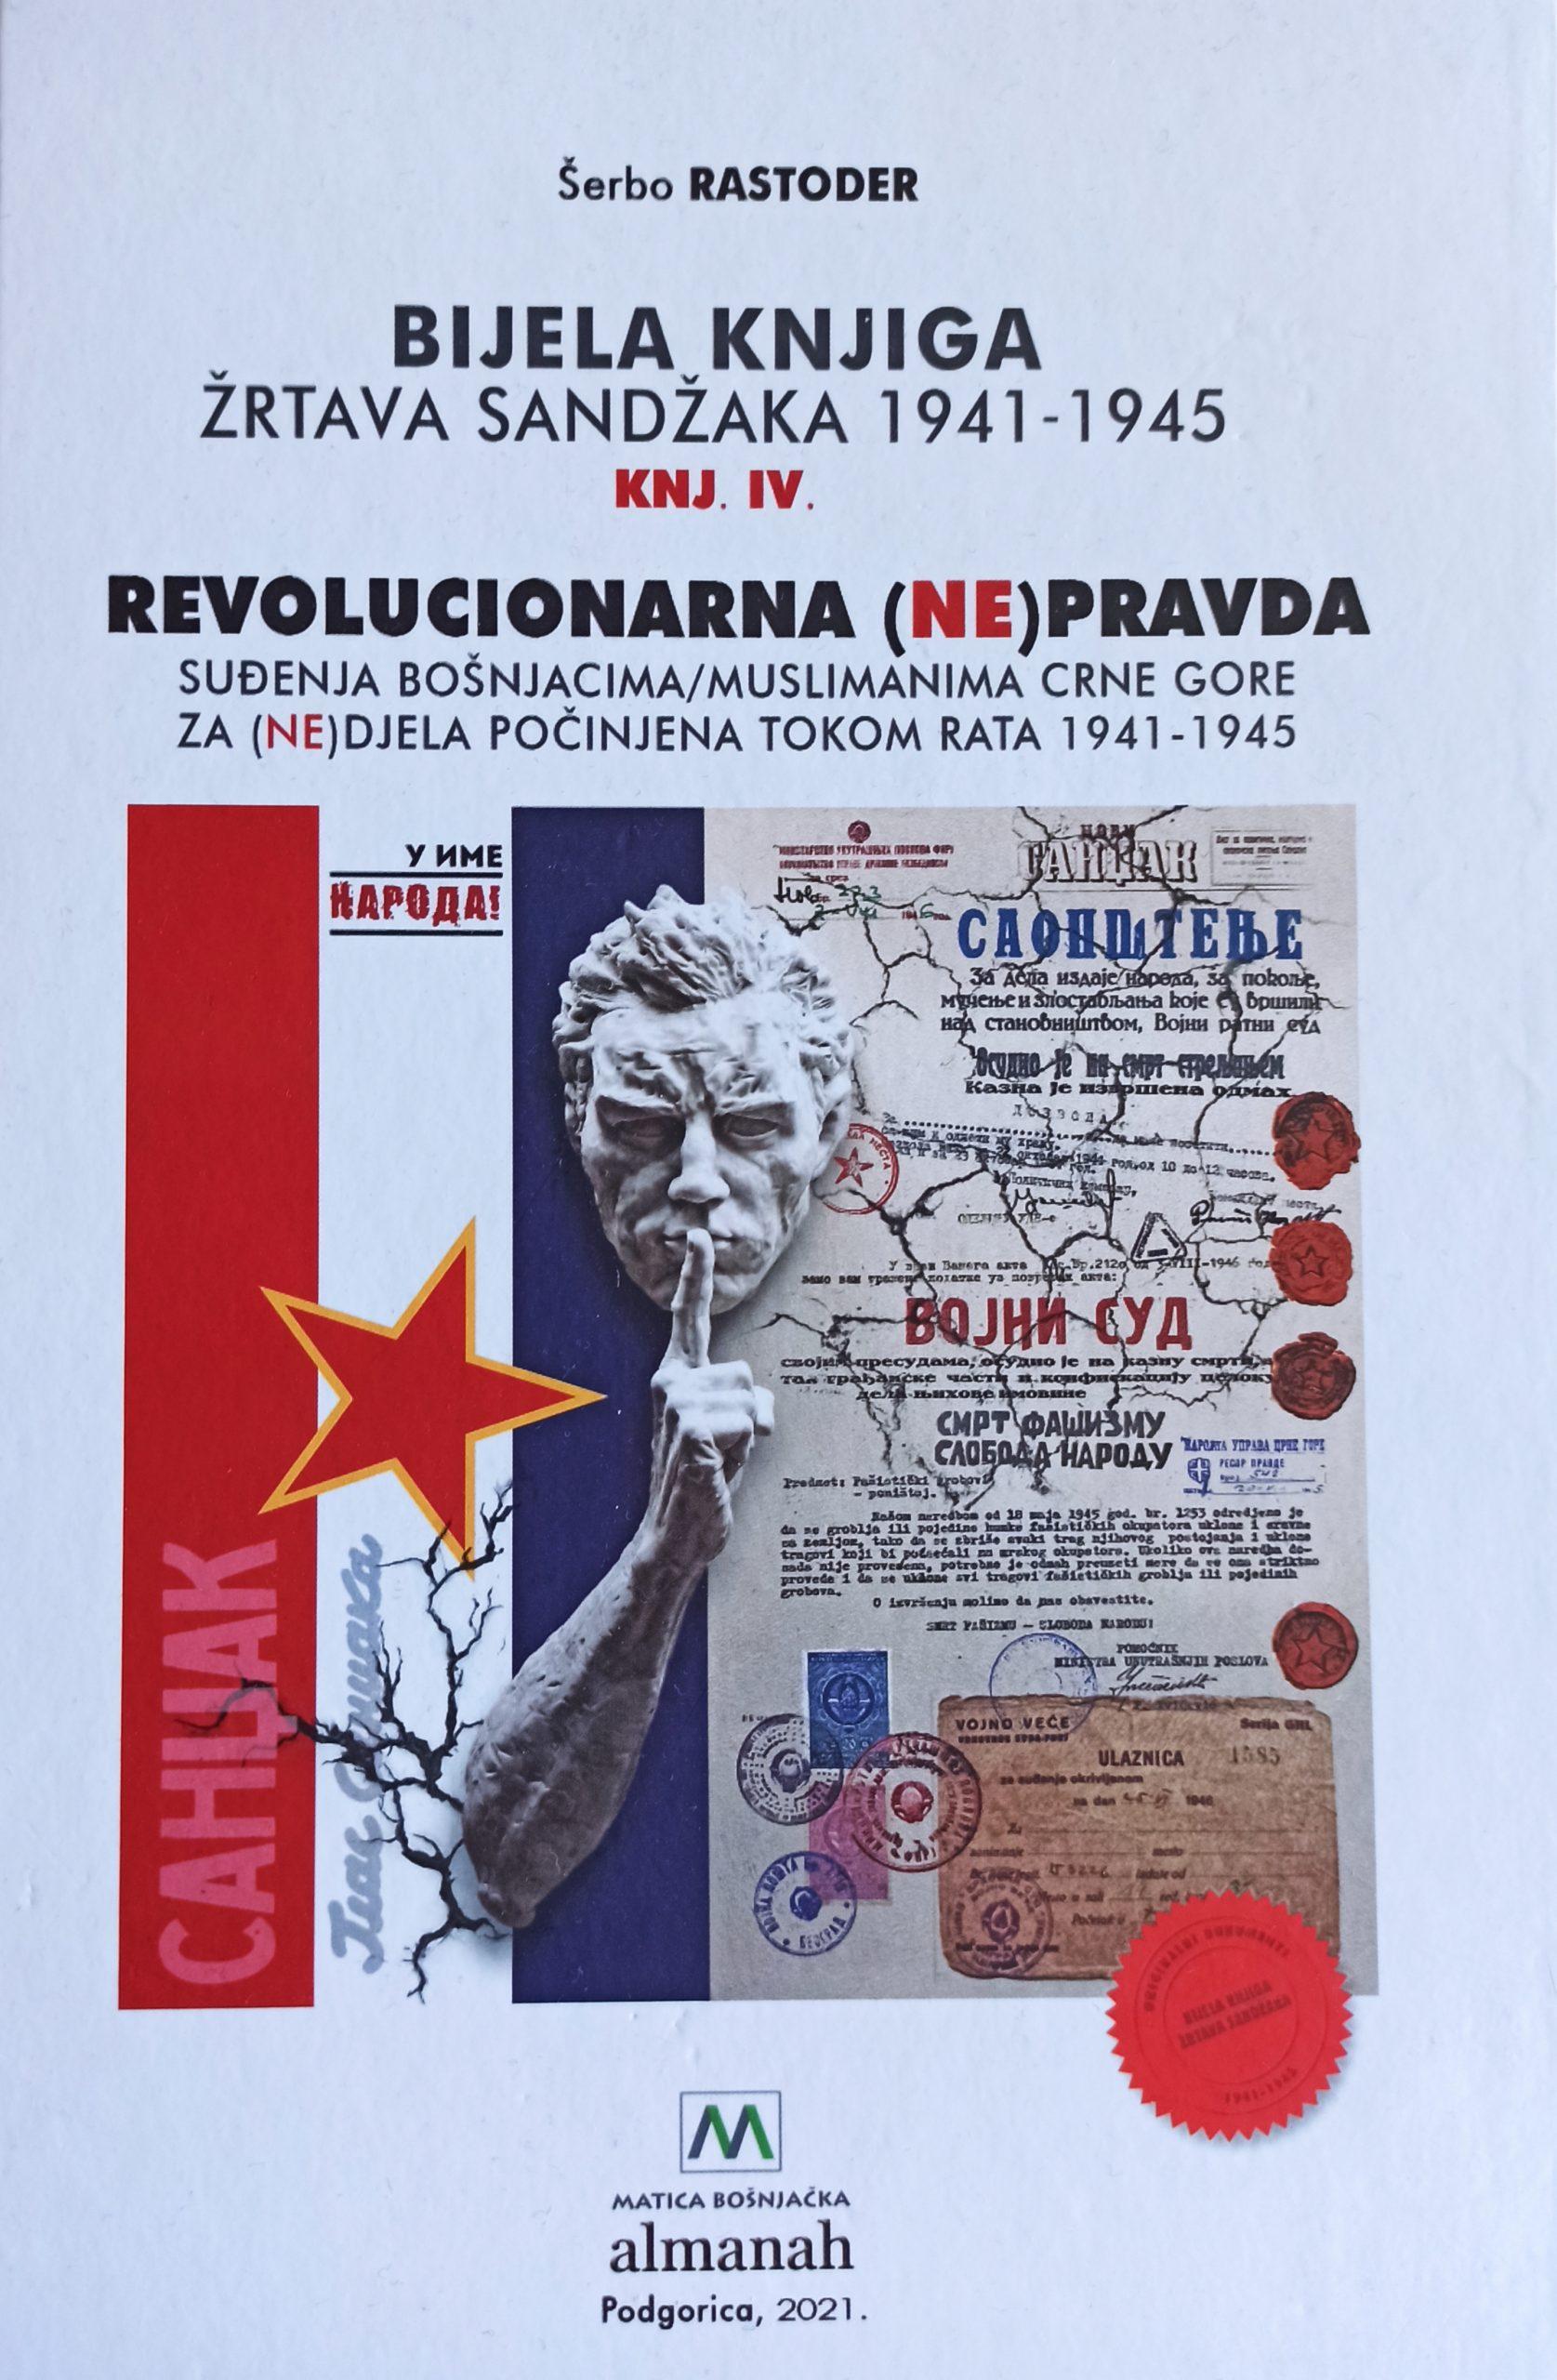 Šerbo Rastoder - Bijela knjiga žrtava Sandžaka : 1941-1945. Knj. 4, Revolucionarna (ne)pravda : suđenja Bošnjacima / Muslimanima Crne Gore za (ne)djela počinjena tokom rata 1941-1945.